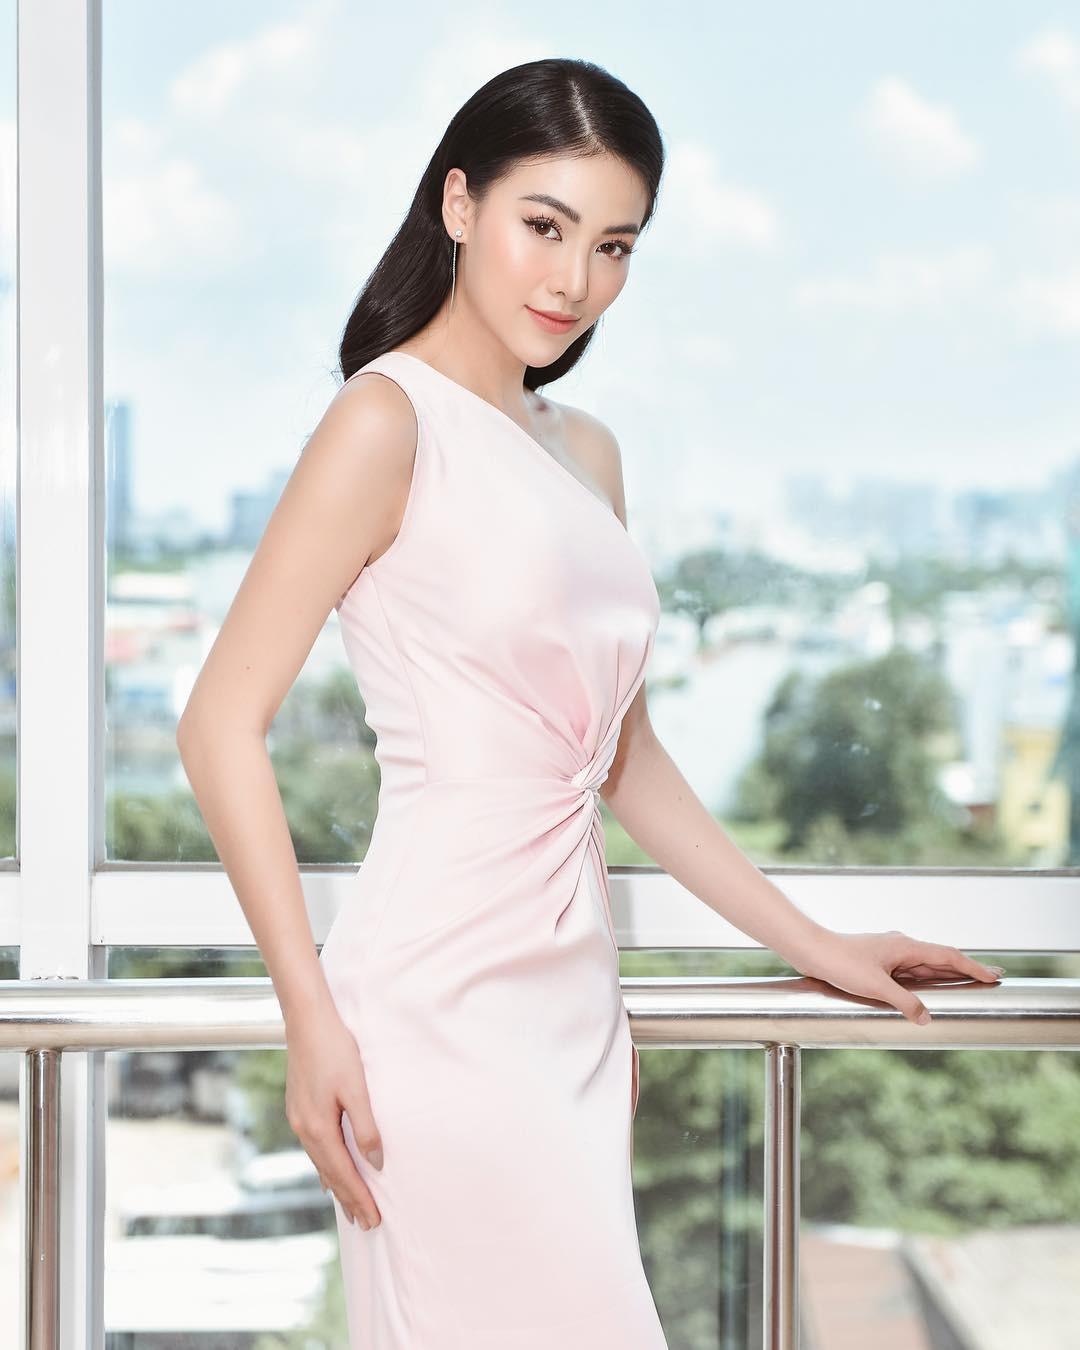 Cũng chịu khó mặc điệu như ai, nhưng HH Phương Khánh vẫn nhiều lần đánh tụt cảm xúc người nhìn vì lỗi diện đồ phổ biến-7